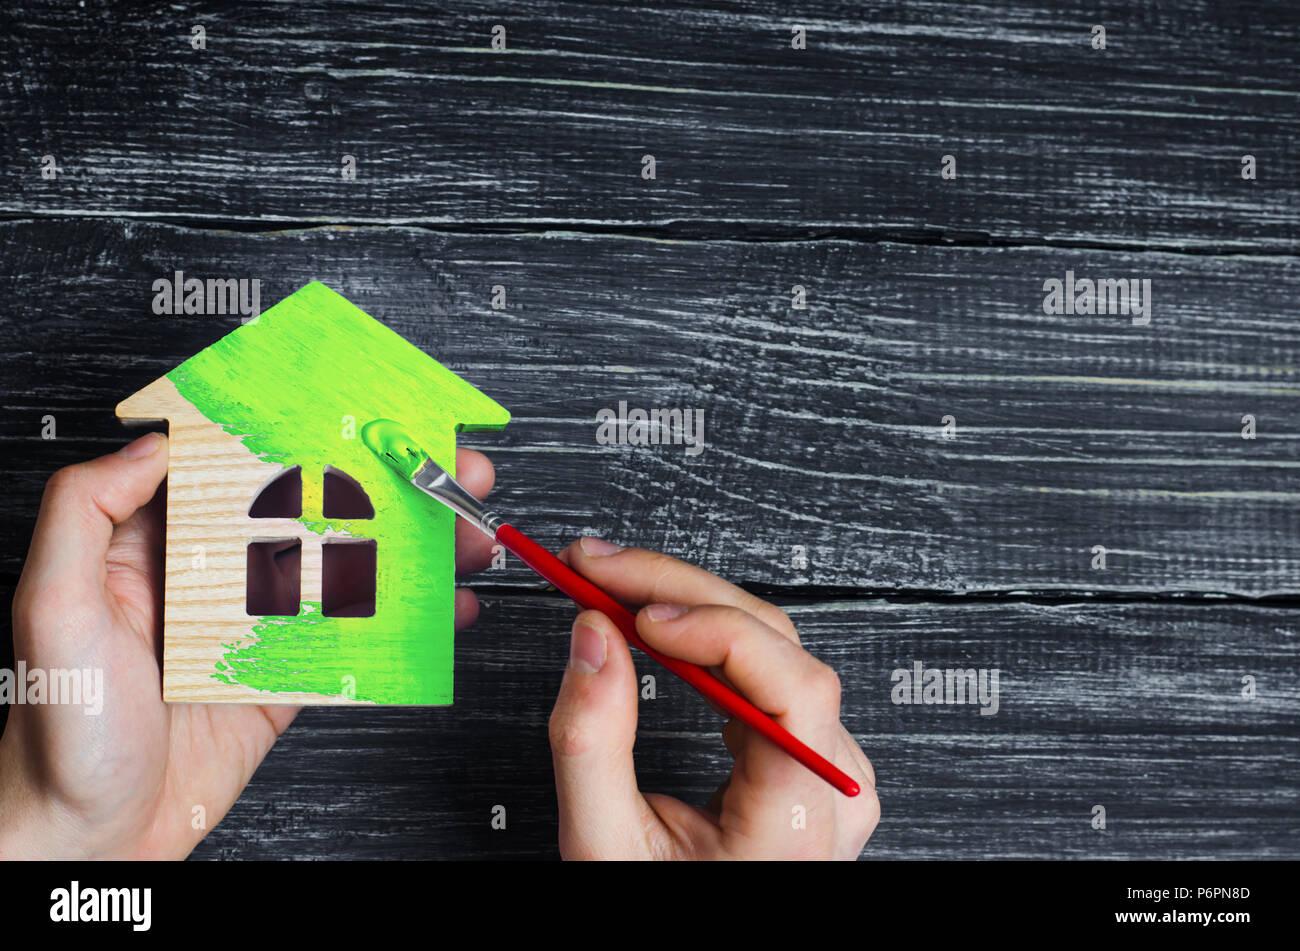 Des Menschen Hand malt die Holzhaus im grünen Pinsel. Reparatur und Renovierung des Hauses, umweltfreundliche Haus. Energieeffizienz und Quali Stockbild